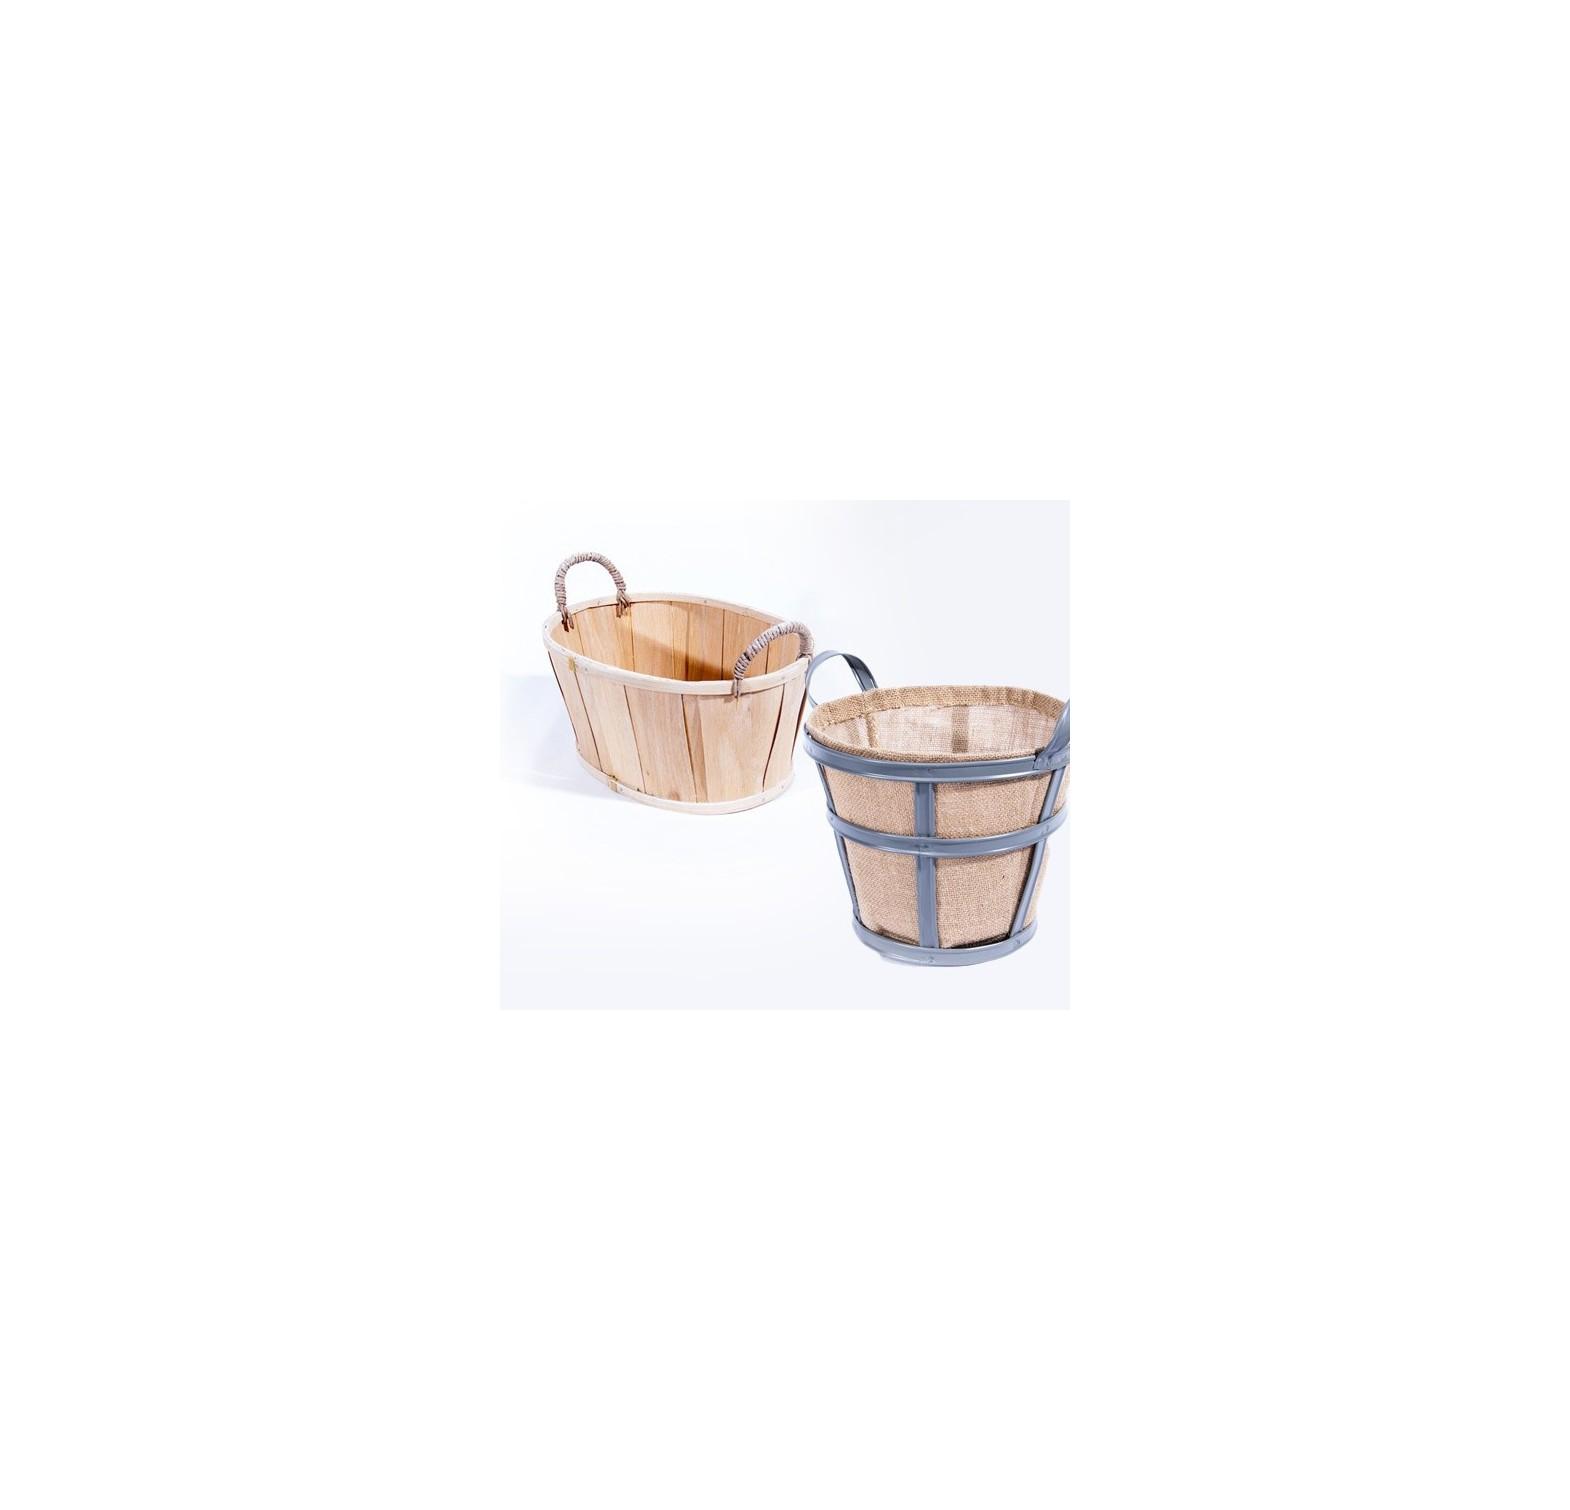 Corbeilles / Corne d'abondance / Corbeilles boulangère